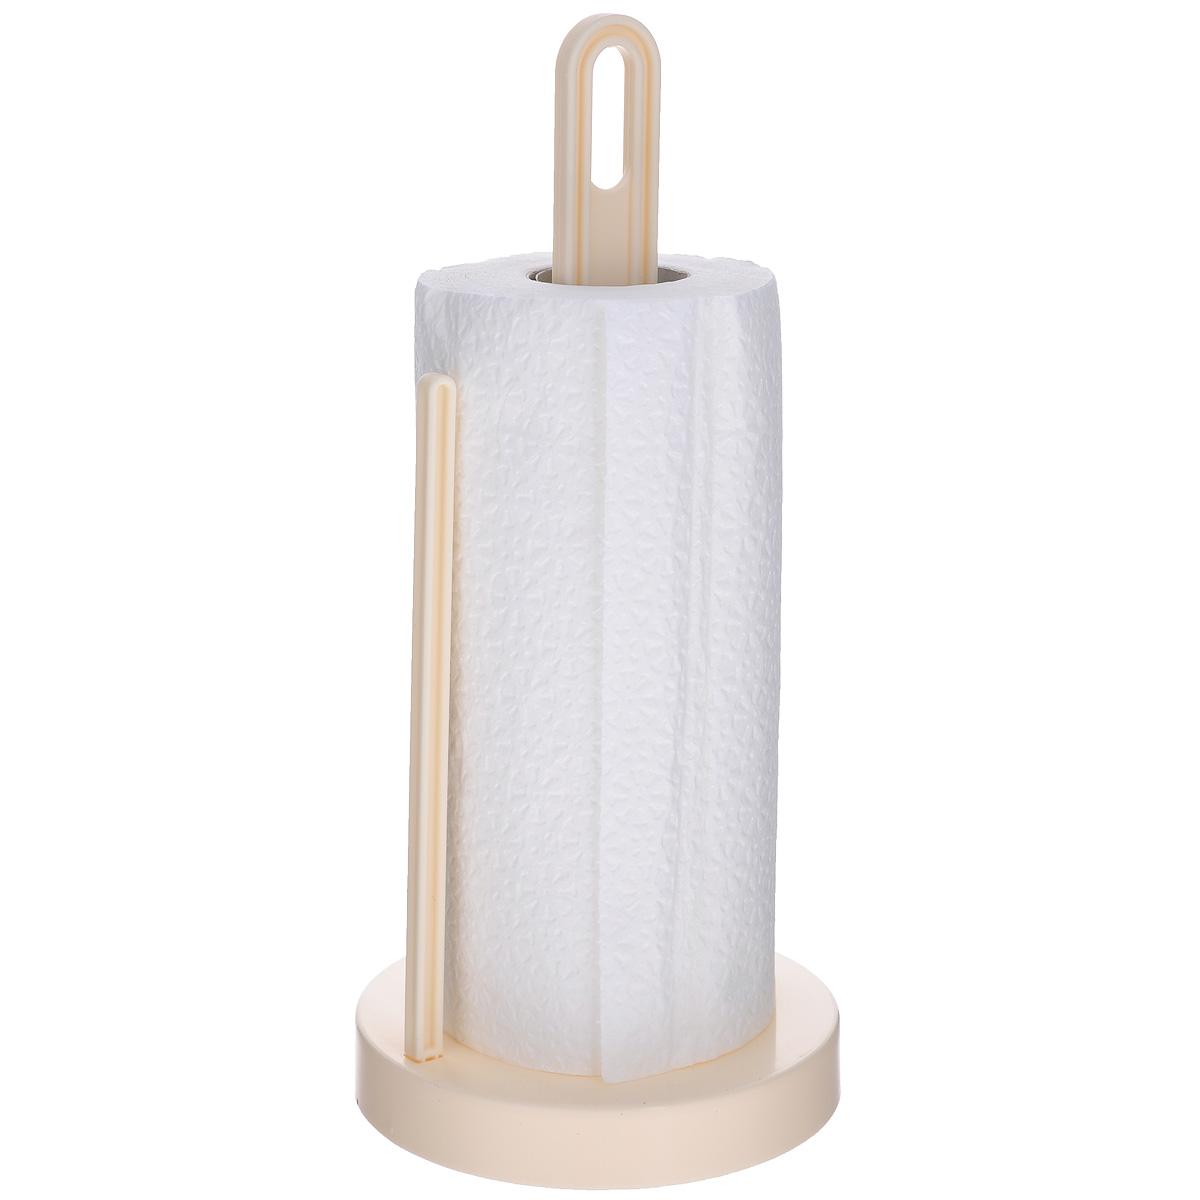 Держатель для бумажных полотенец Berossi Solo, цвет: слоновая костьАС19333000Держатель Berossi Solo, изготовленный из высококачественного пластика, предназначен для бумажных полотенец. Изделие имеет широкое основание и оснащено зажимом, позволяющим без труда оторвать нужную длину полотенца. В комплекте - рулон бумажных полотенец.Такой держатель станет полезным аксессуаром в домашнем быту и идеально впишется в интерьер современной кухни.